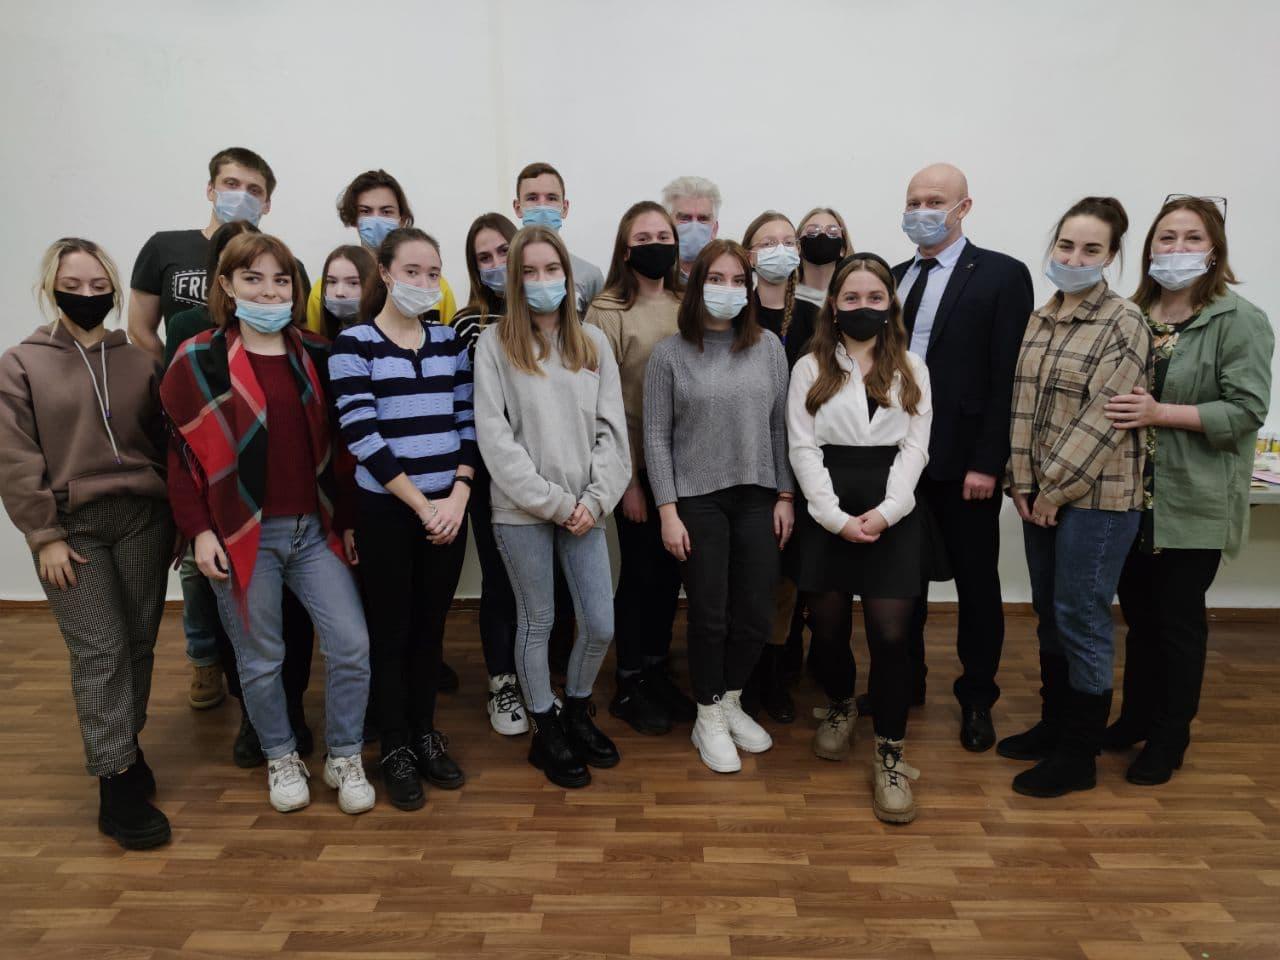 Зам. губернатора Брянской области Александр Коробко посетил ресурсный центр «Радимичи».